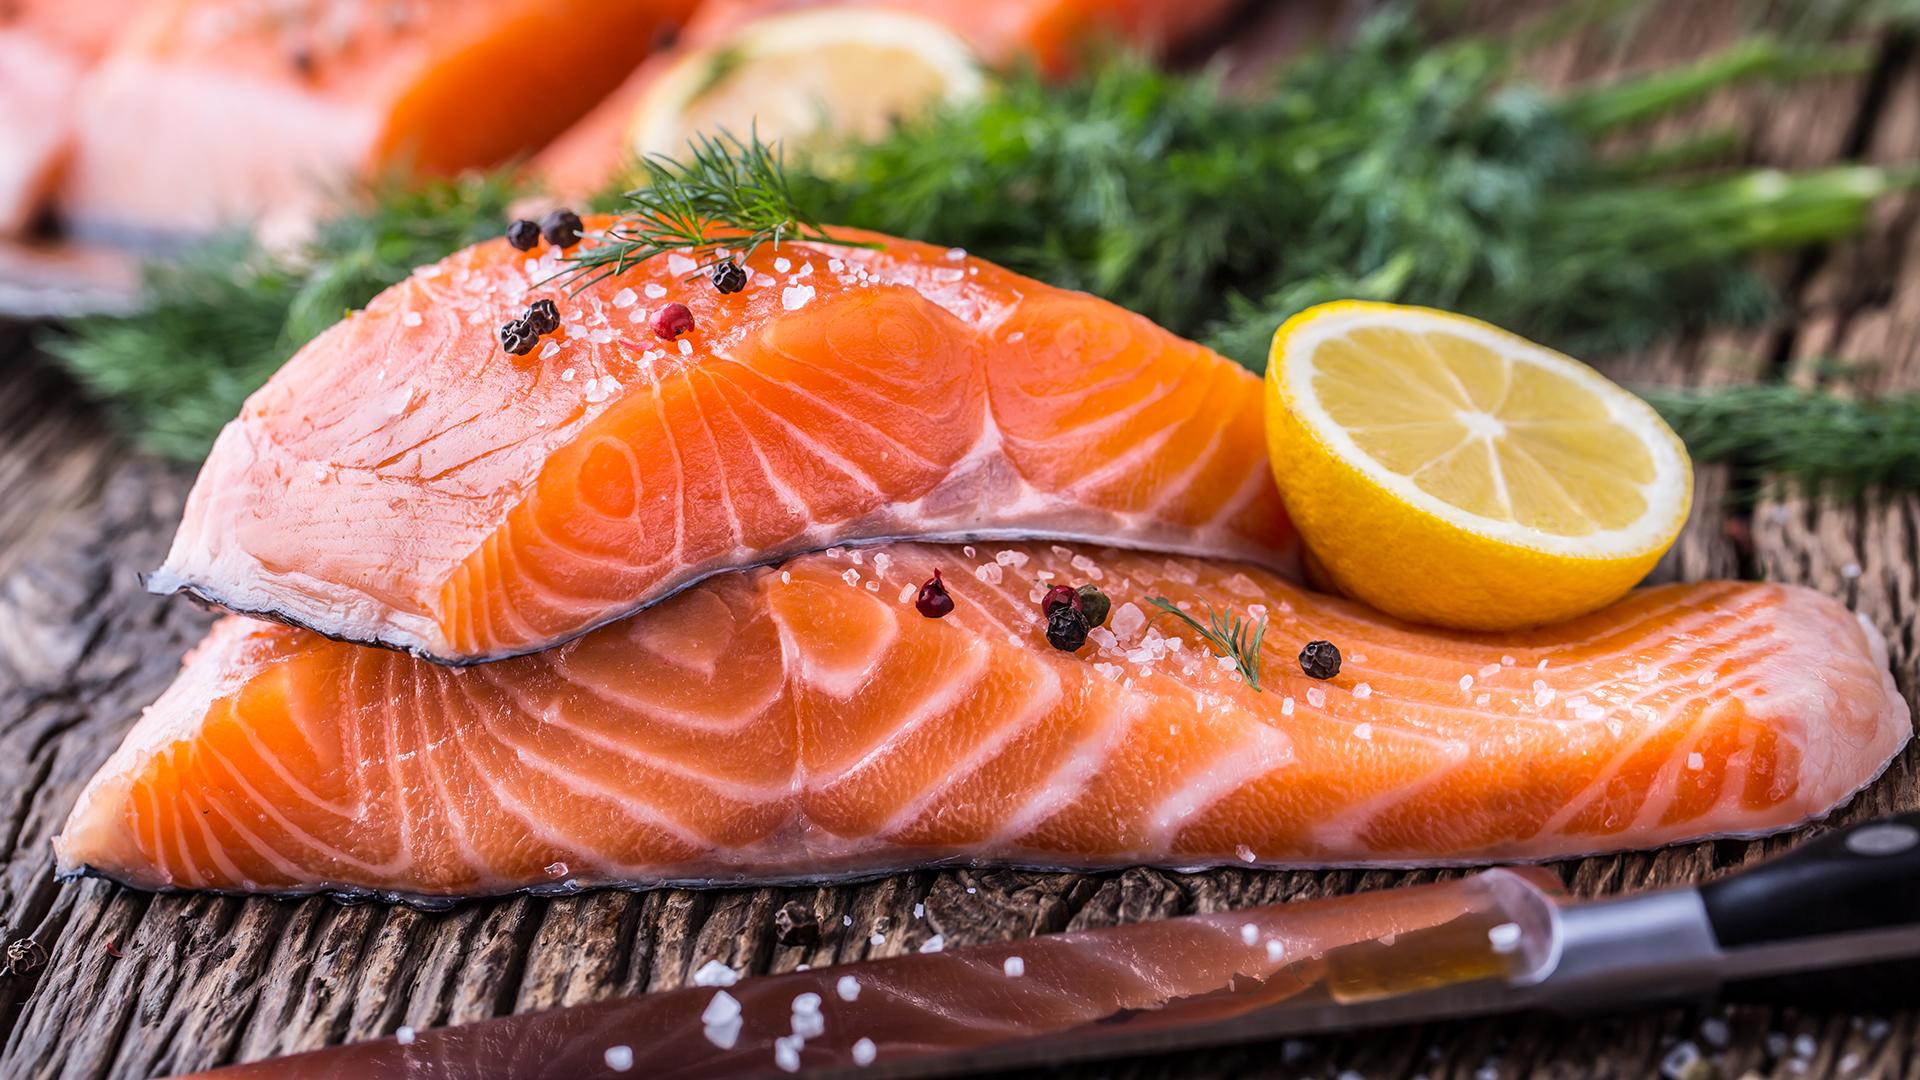 Salmon or Fish